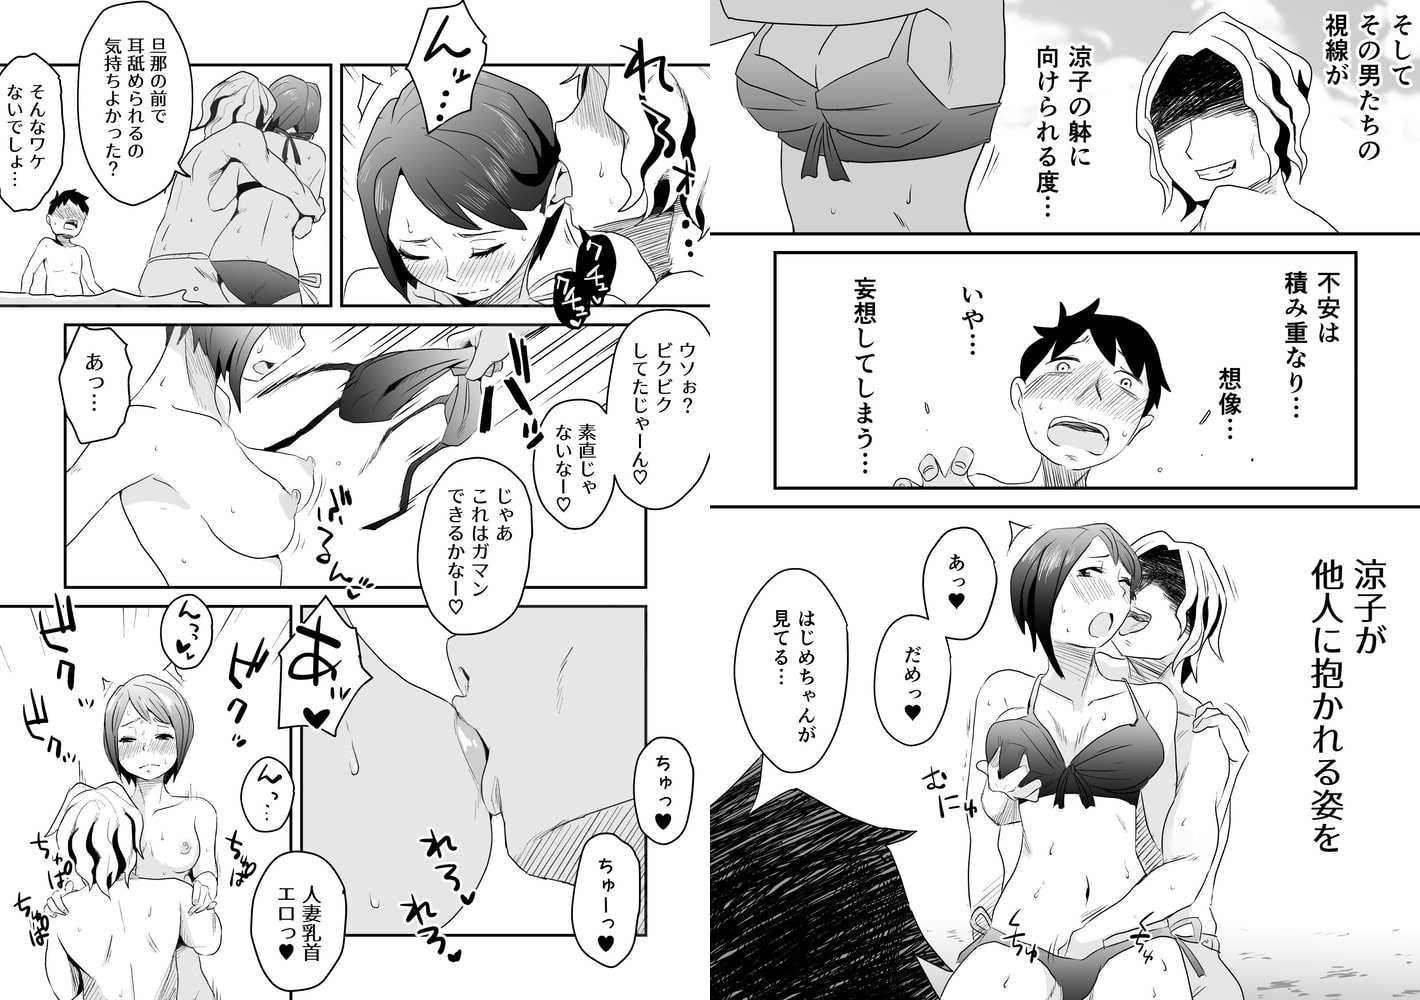 ネトラレ妄想シンドローム1